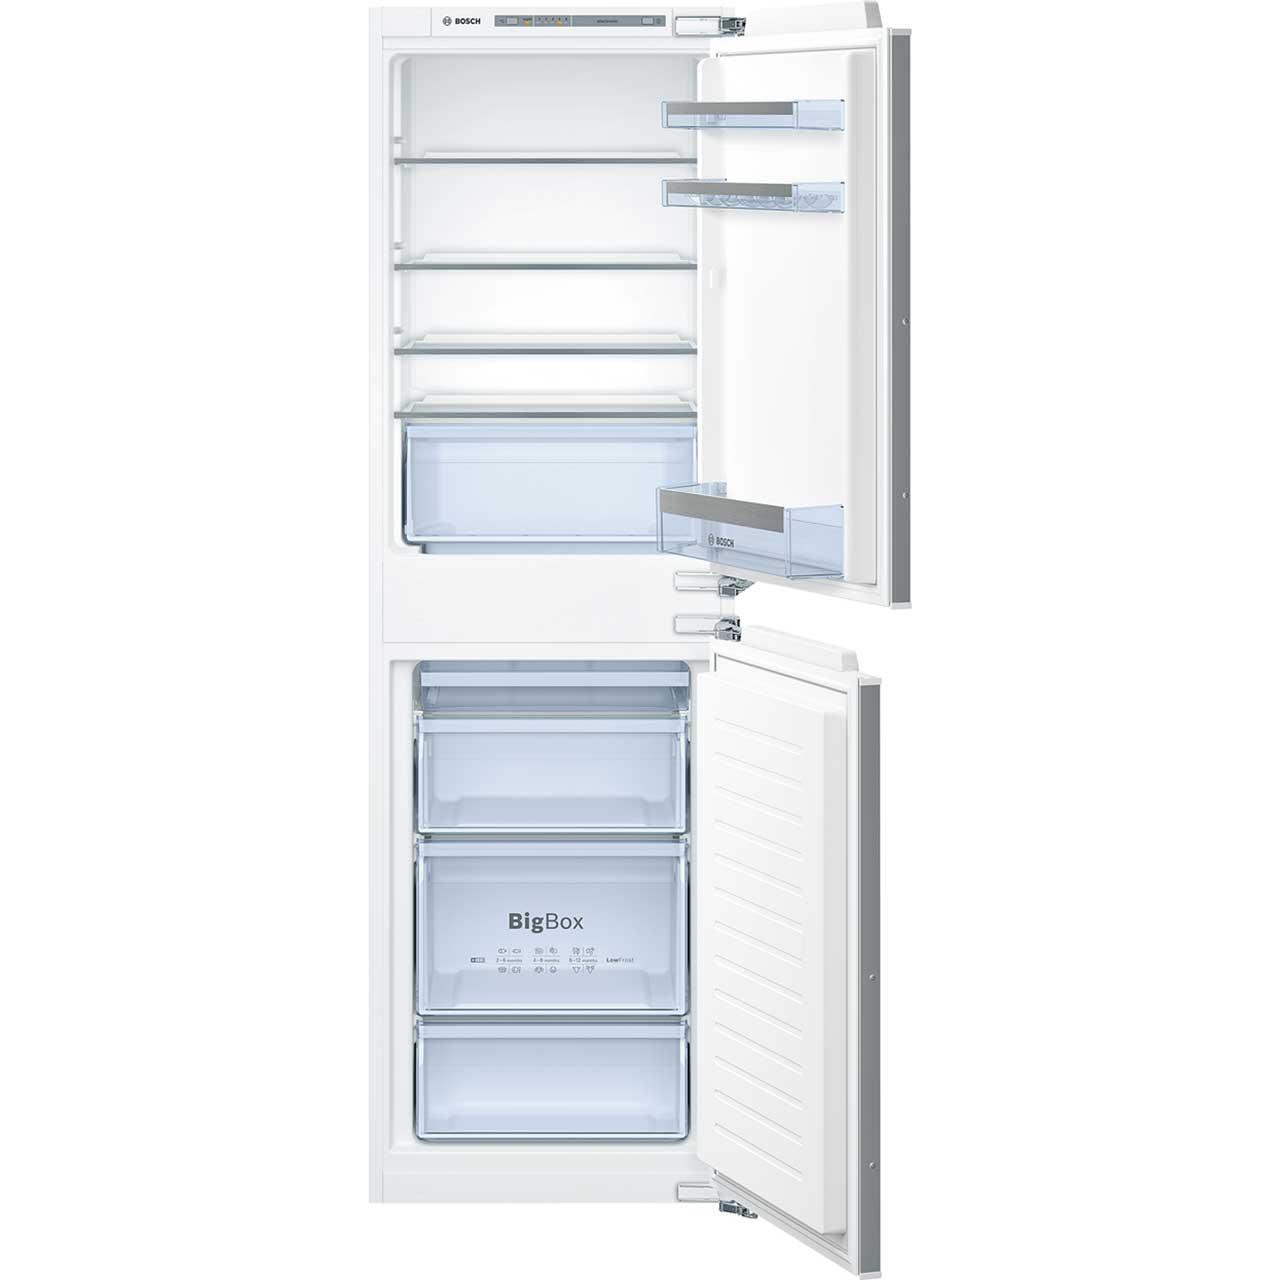 Image of Bosch Serie 4 KIV85VF30G Integrated Fridge Freezer in White